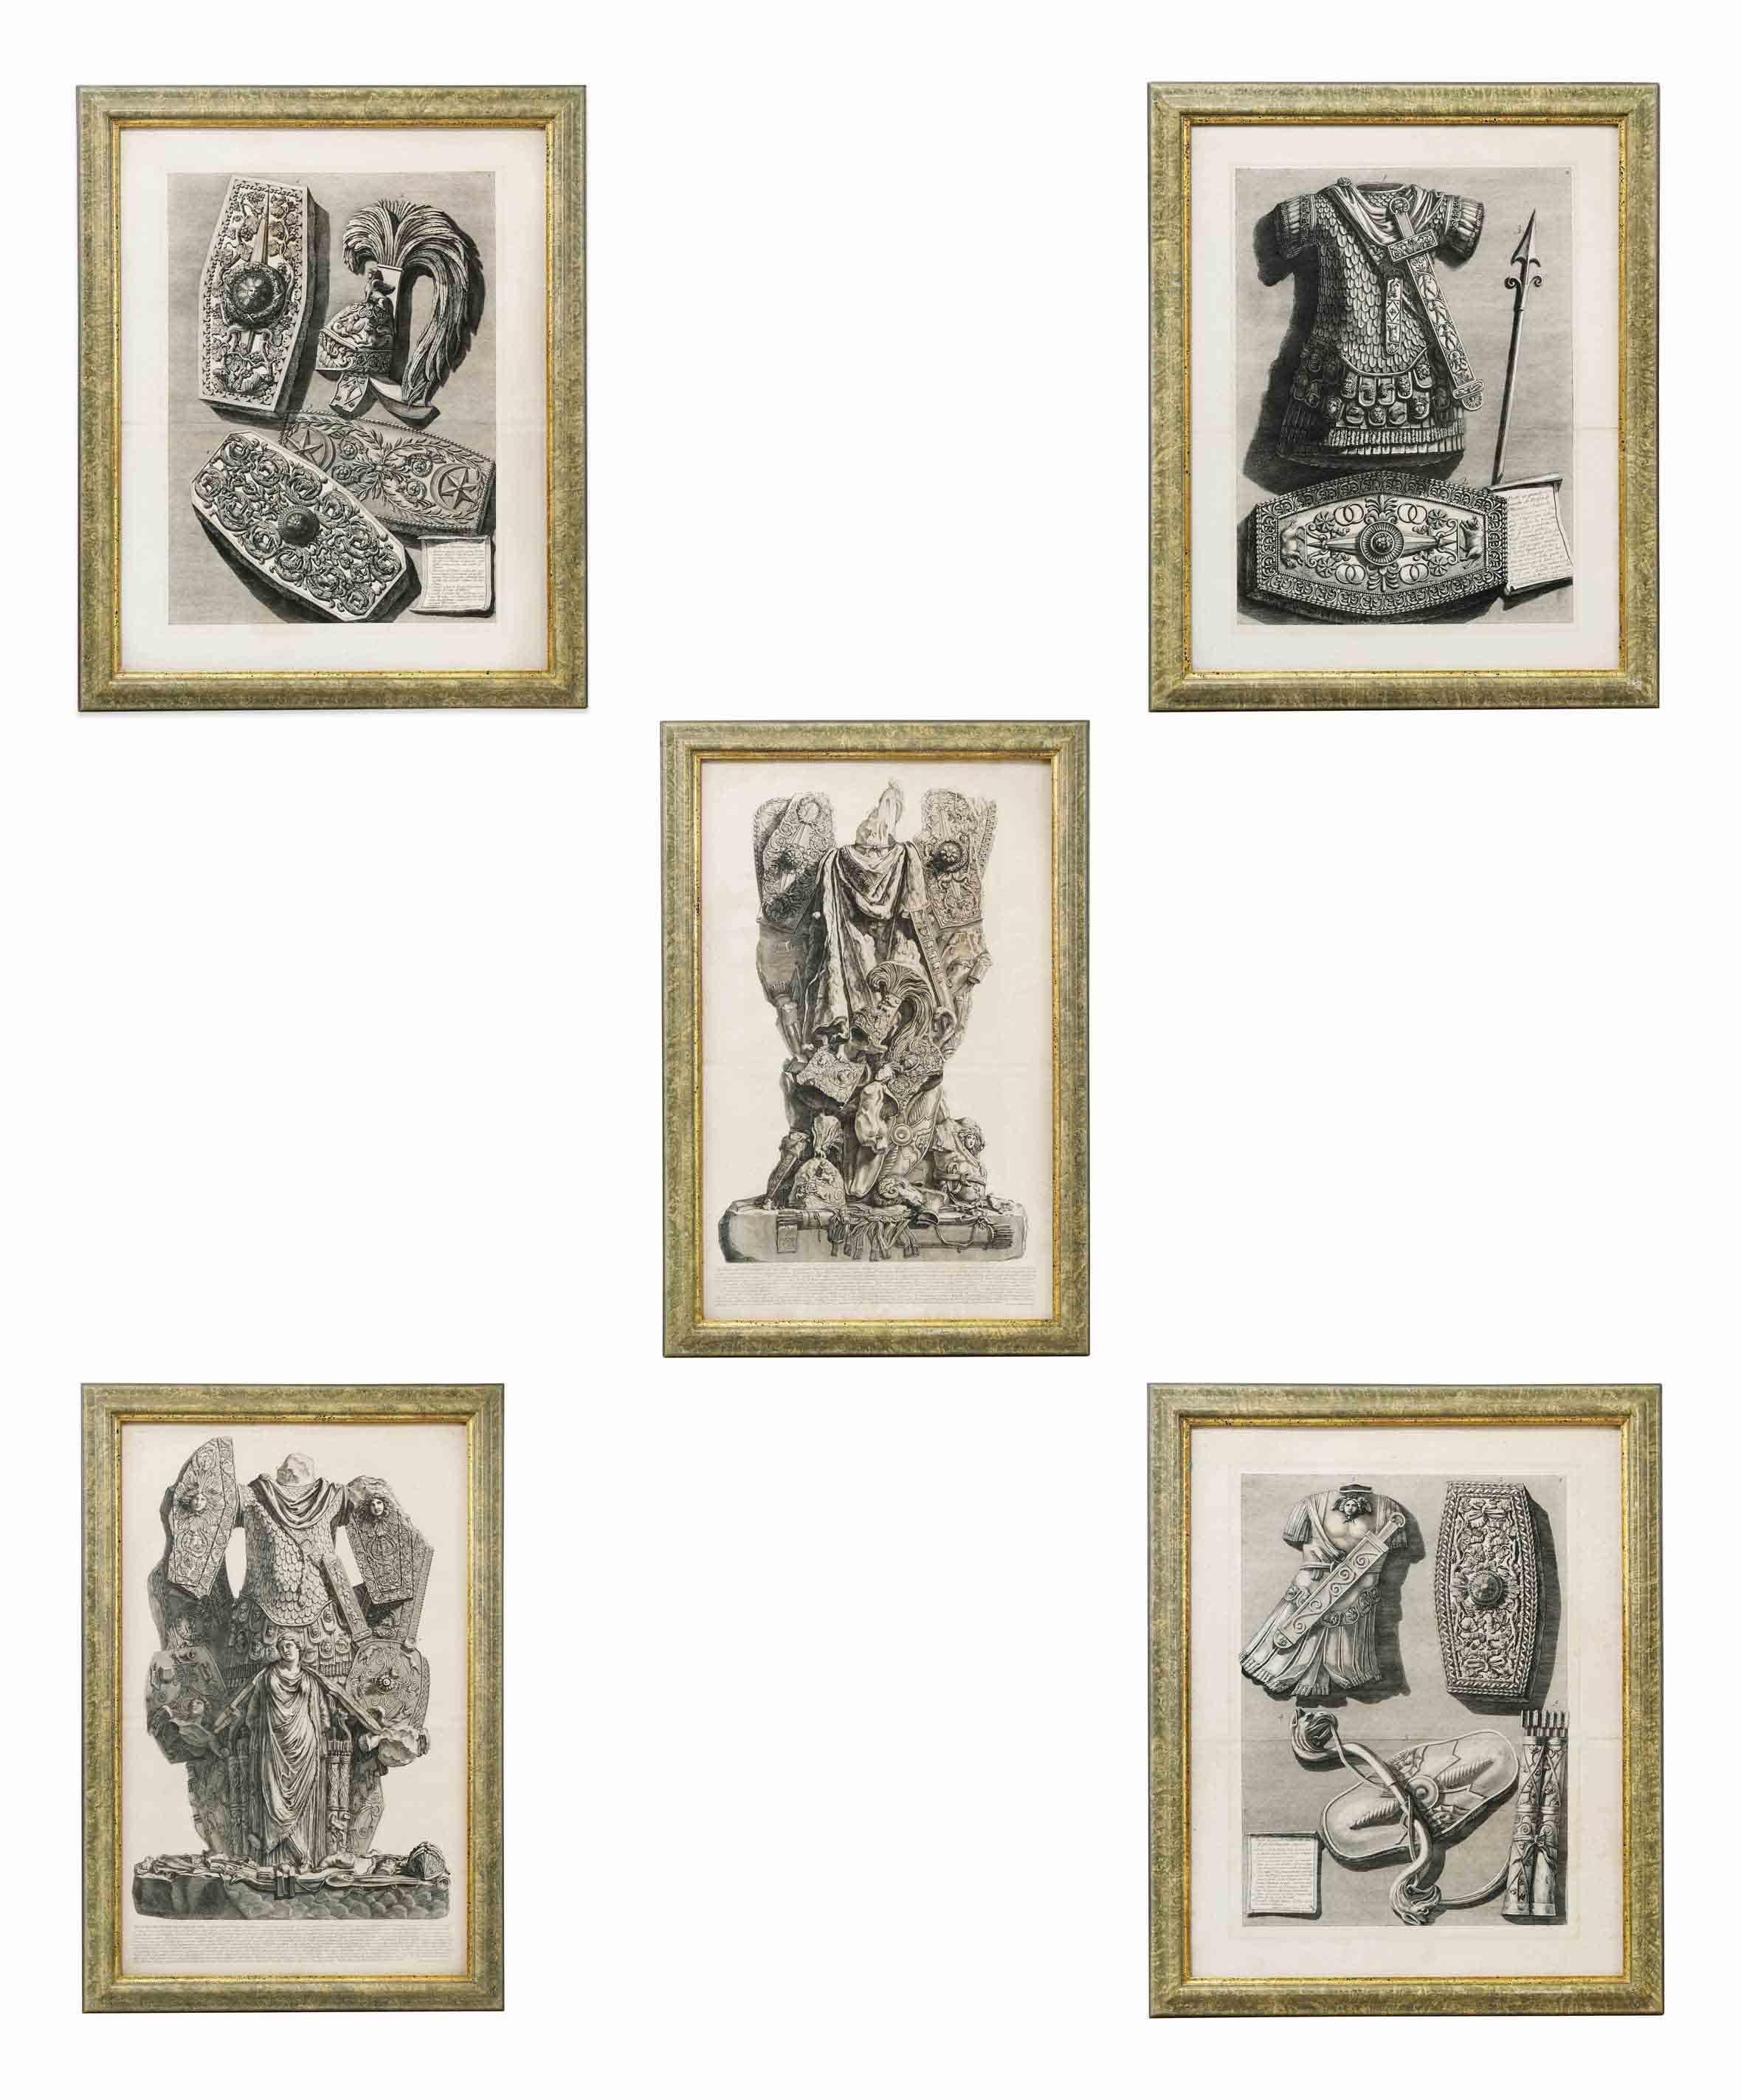 Five studies of the Trophy of Octavian Augustus